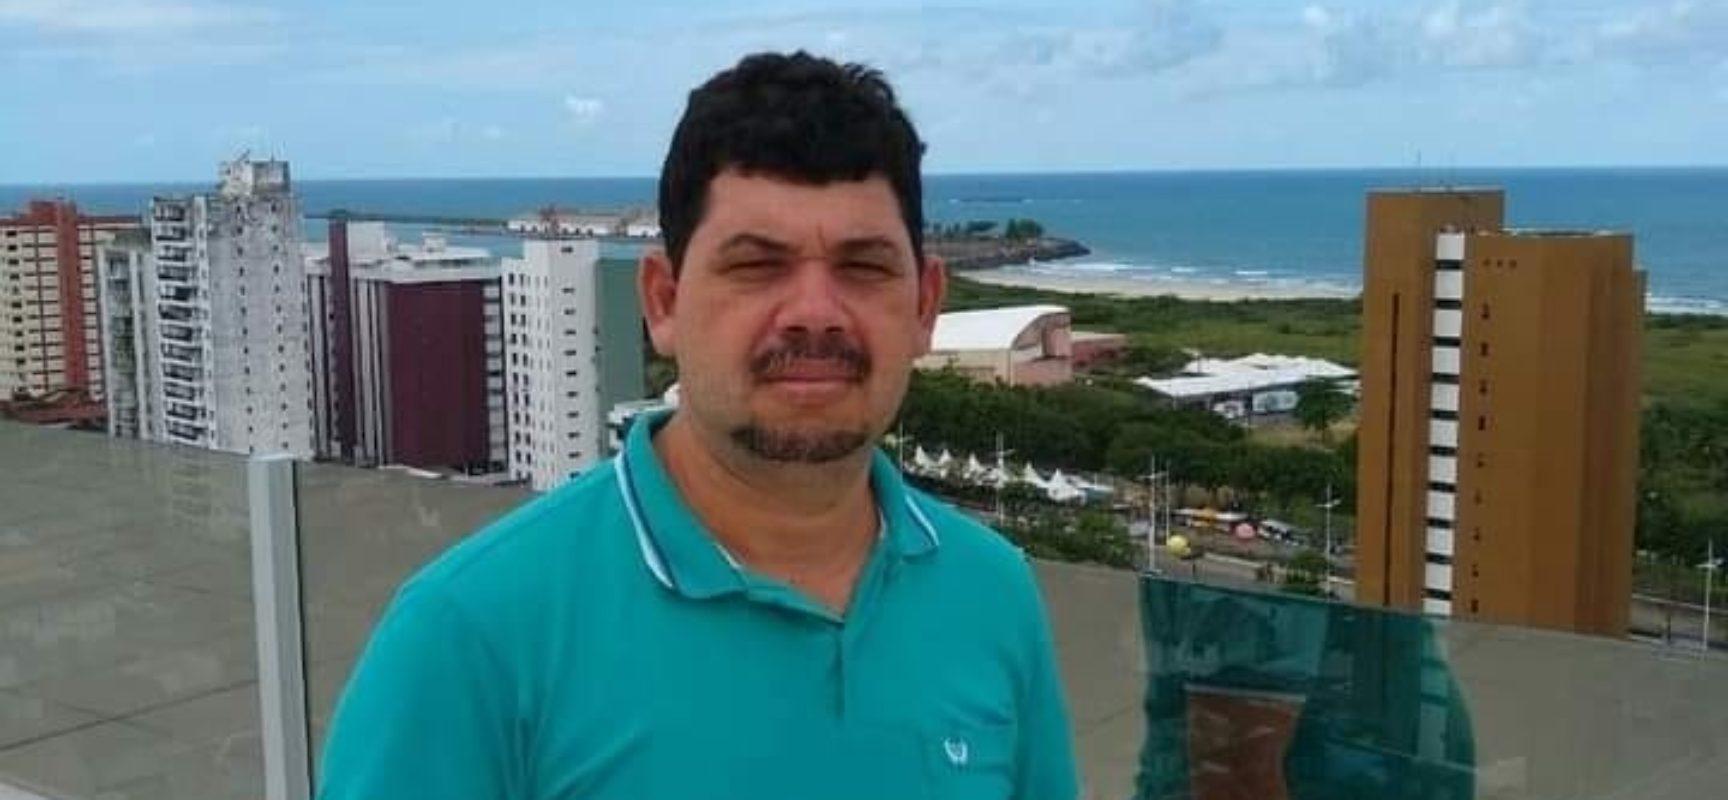 Gersinho Alves, servidor público exemplar e referência no apoio aos Conselhos, em Ilhéus.